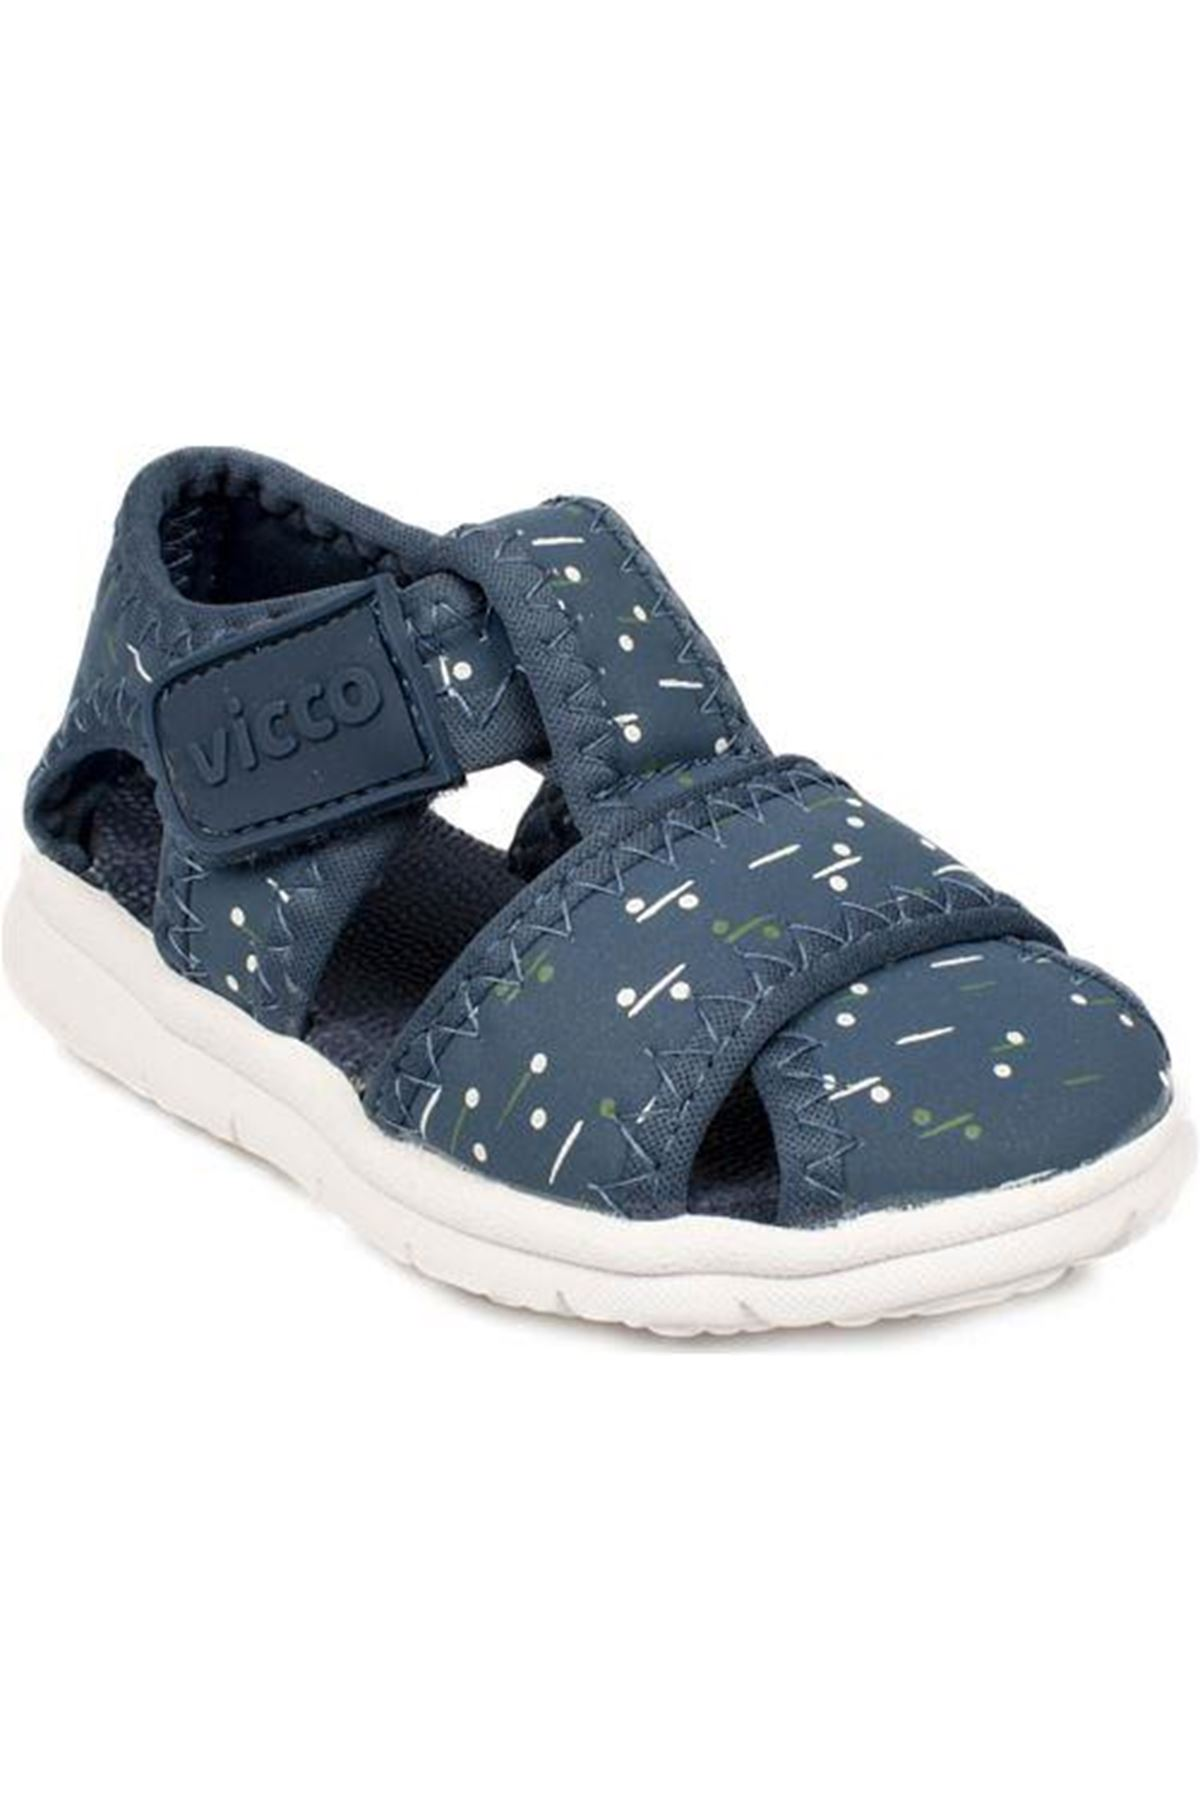 Vicco İlk Adım Deri Ayakkabı 332.E20Y.306 Lacivert